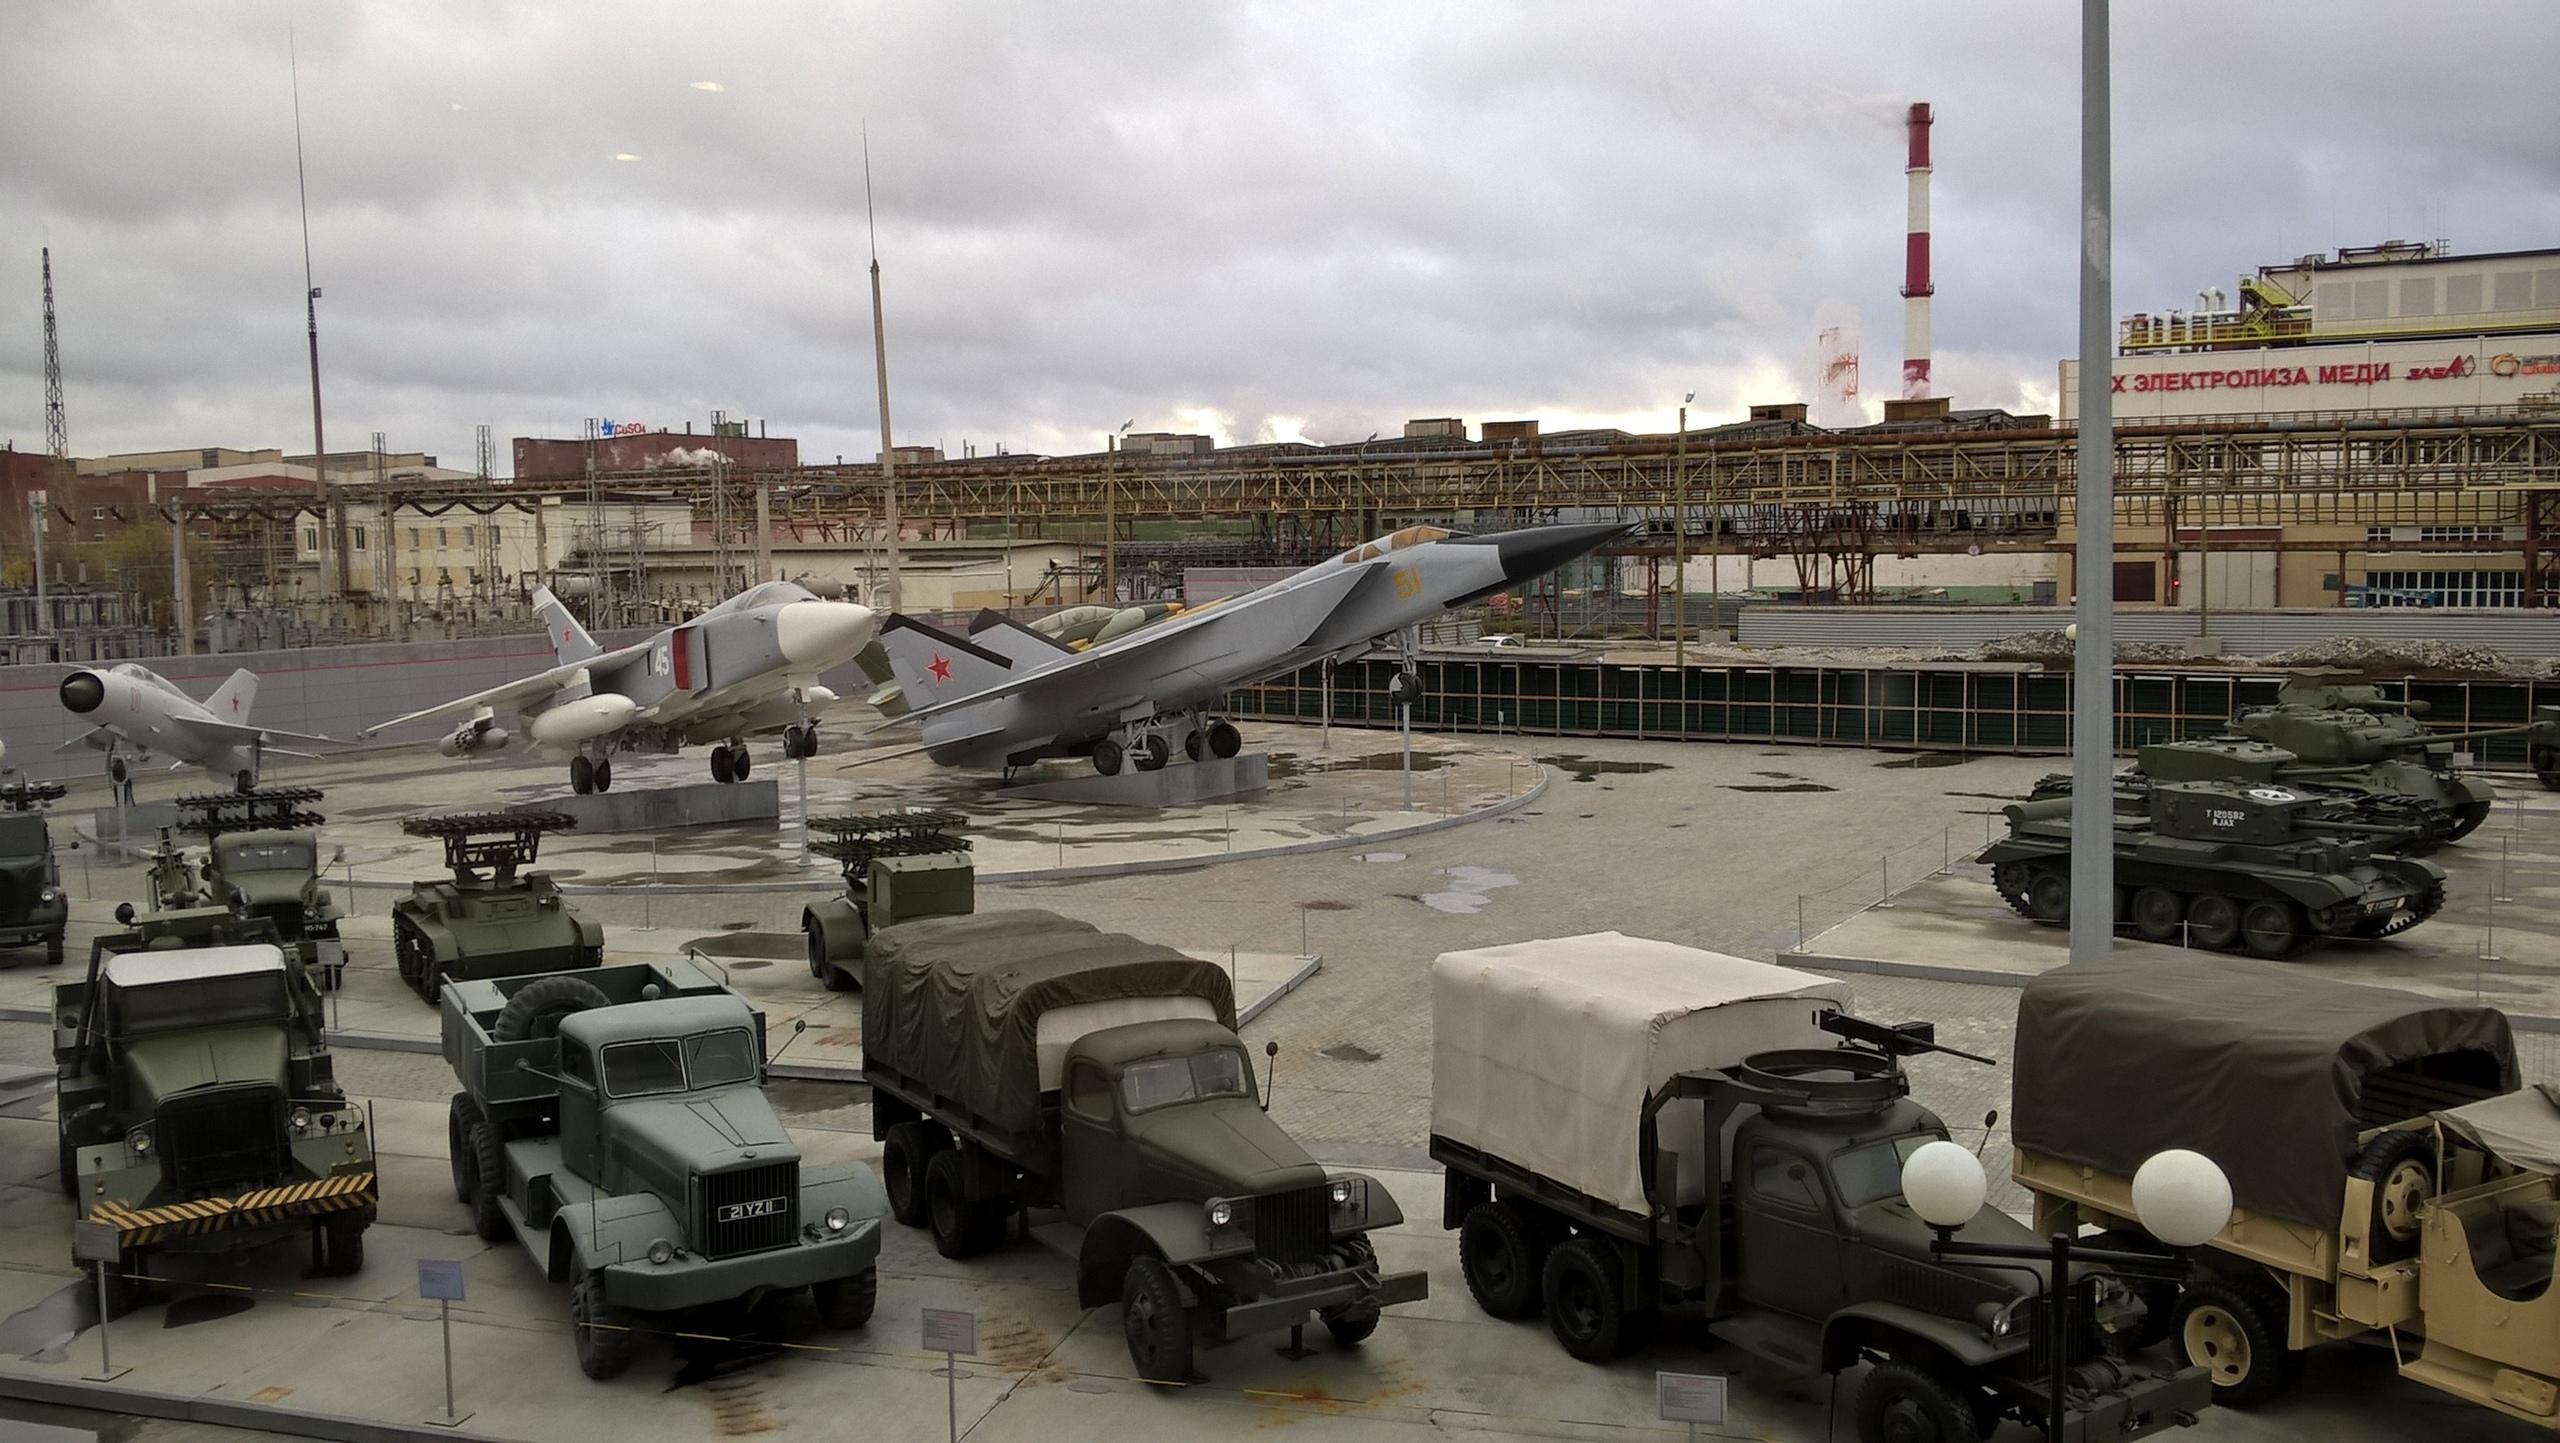 Вид из окна музея военной техники в Верхней Пышме